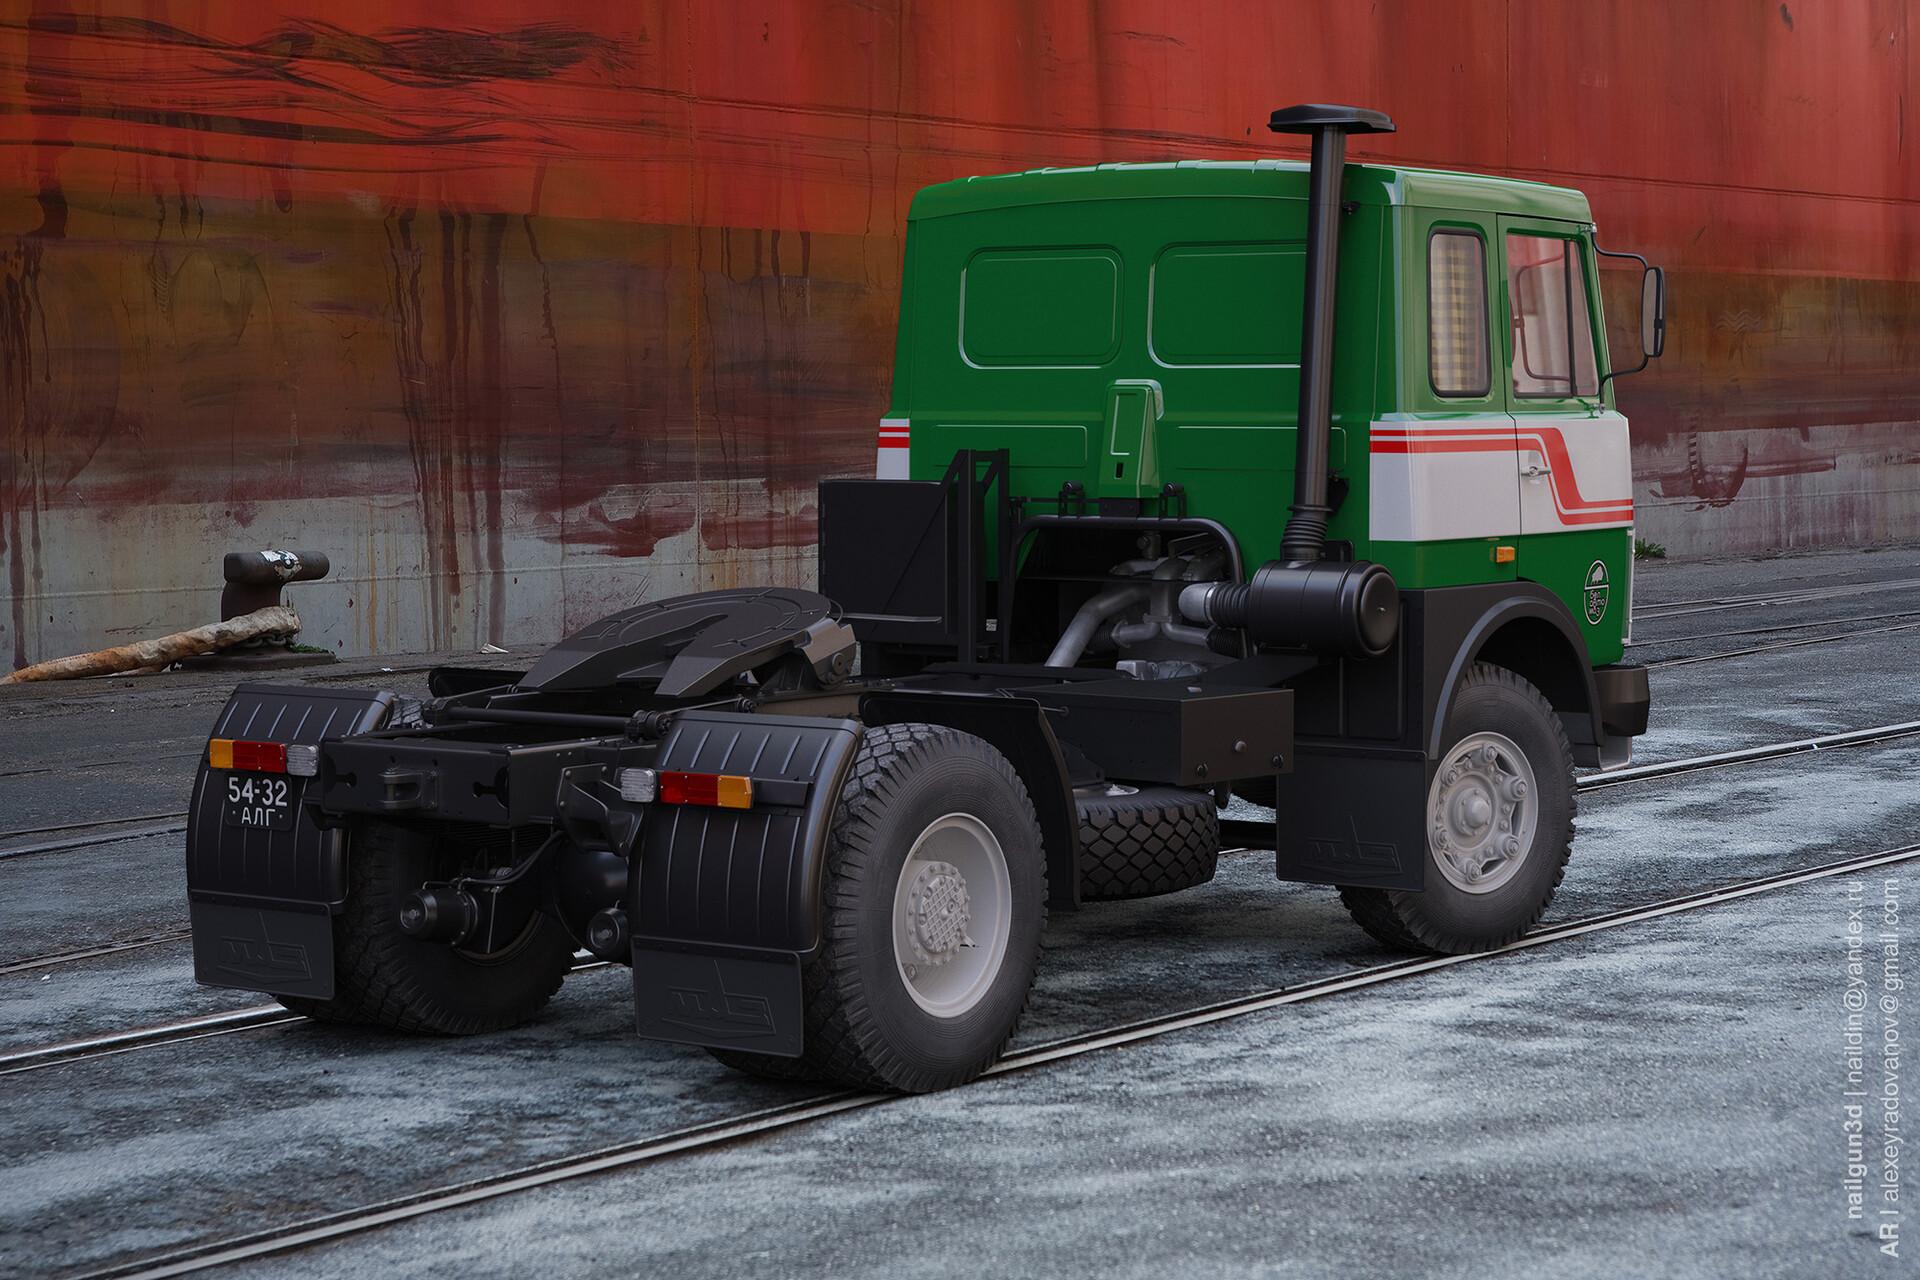 Nail khusnutdinov alg 045 010 maz 5342 rear view 3x